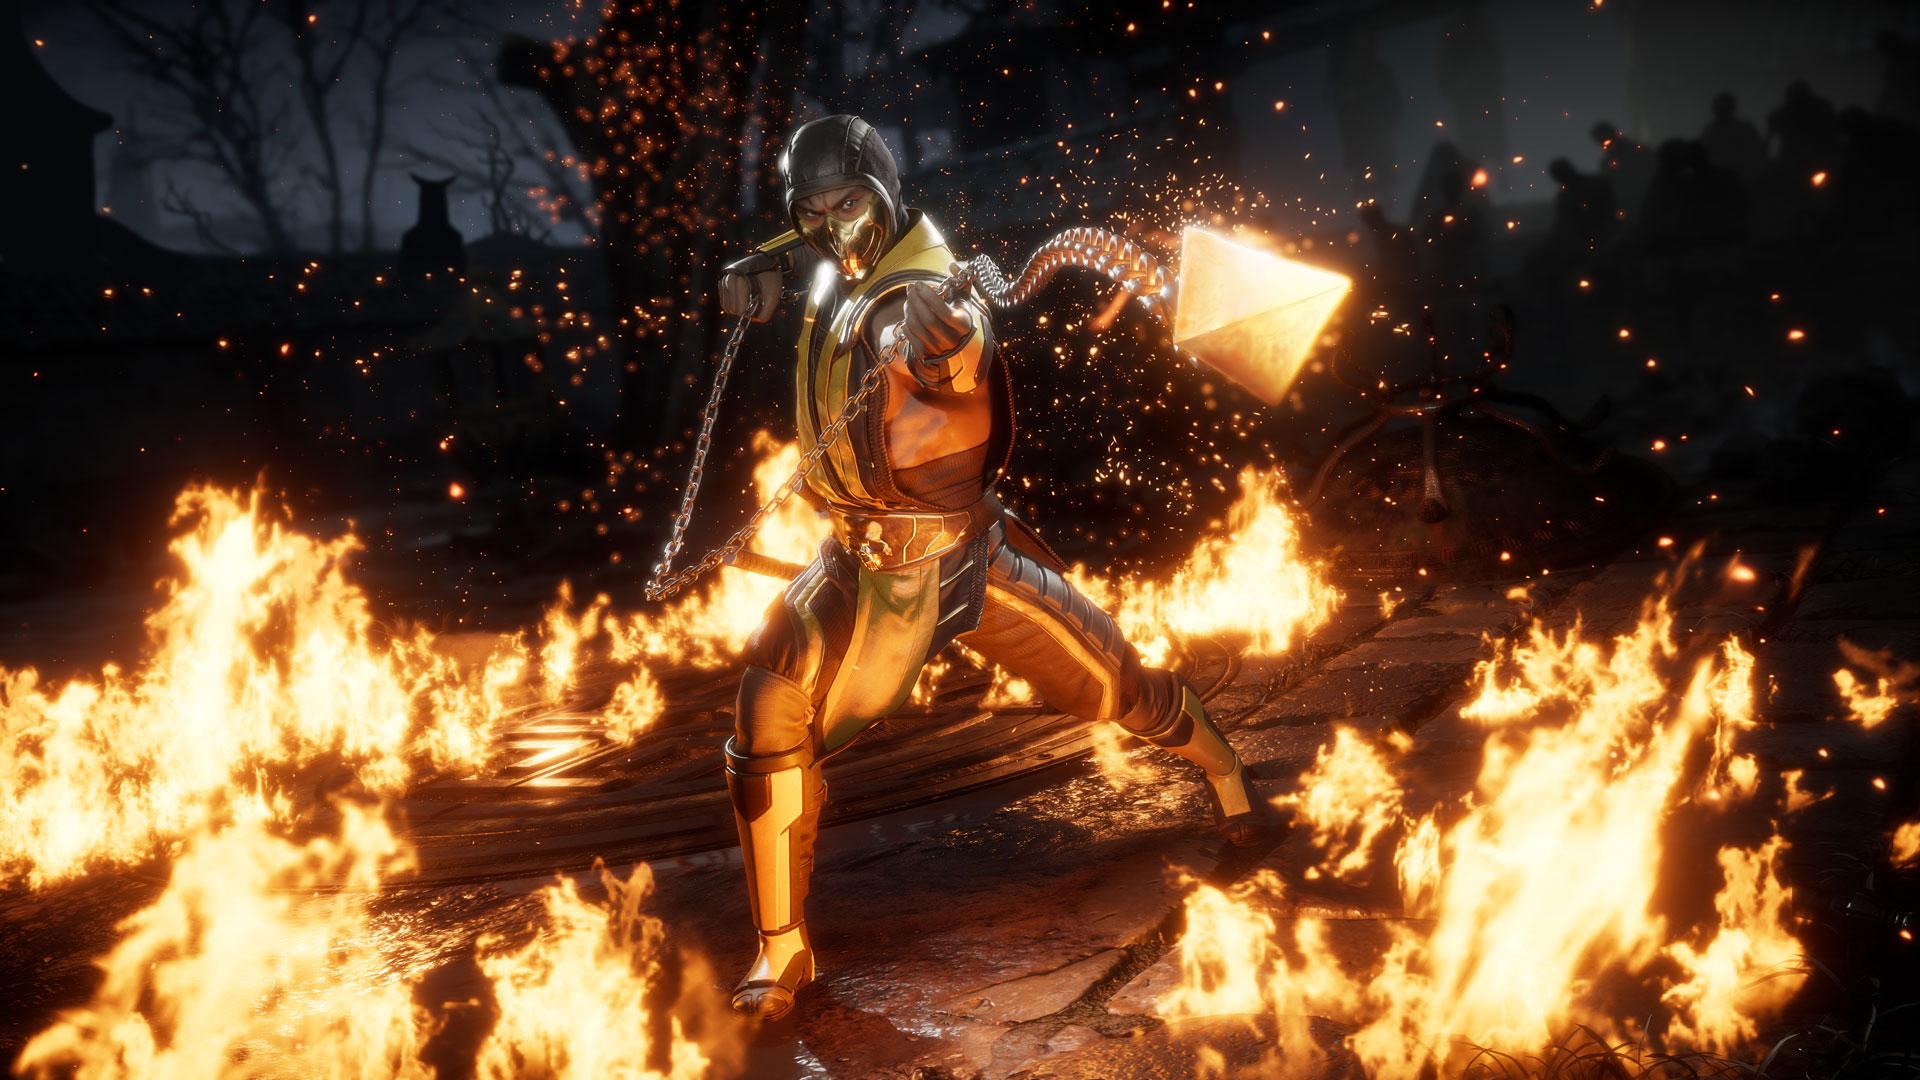 Скриншот №1 к Комплект Ultimate-издание MK11 + Injustice 2 - лег. издание